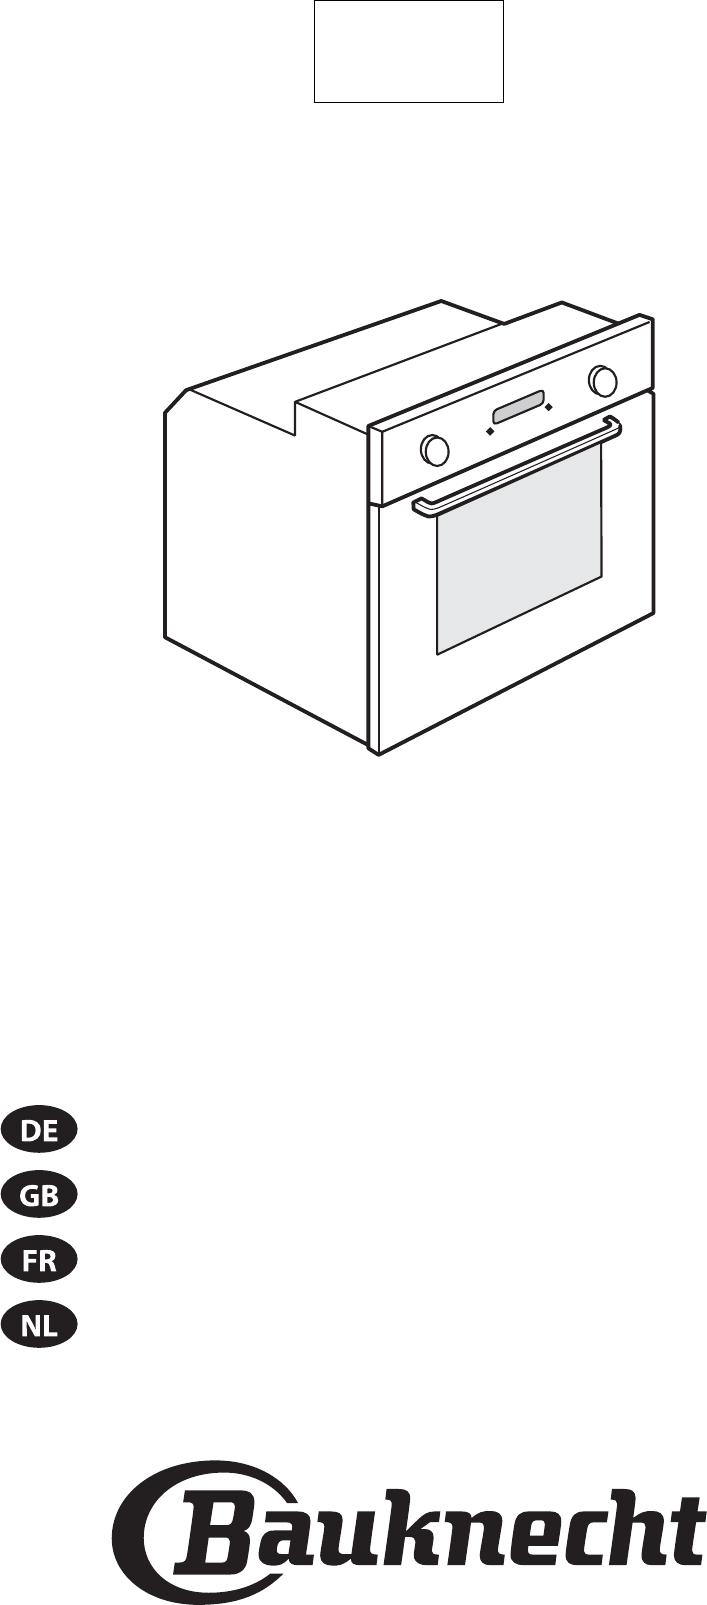 Bedienungsanleitung Bauknecht BMVE 8200-IN (Seite 1 von 84